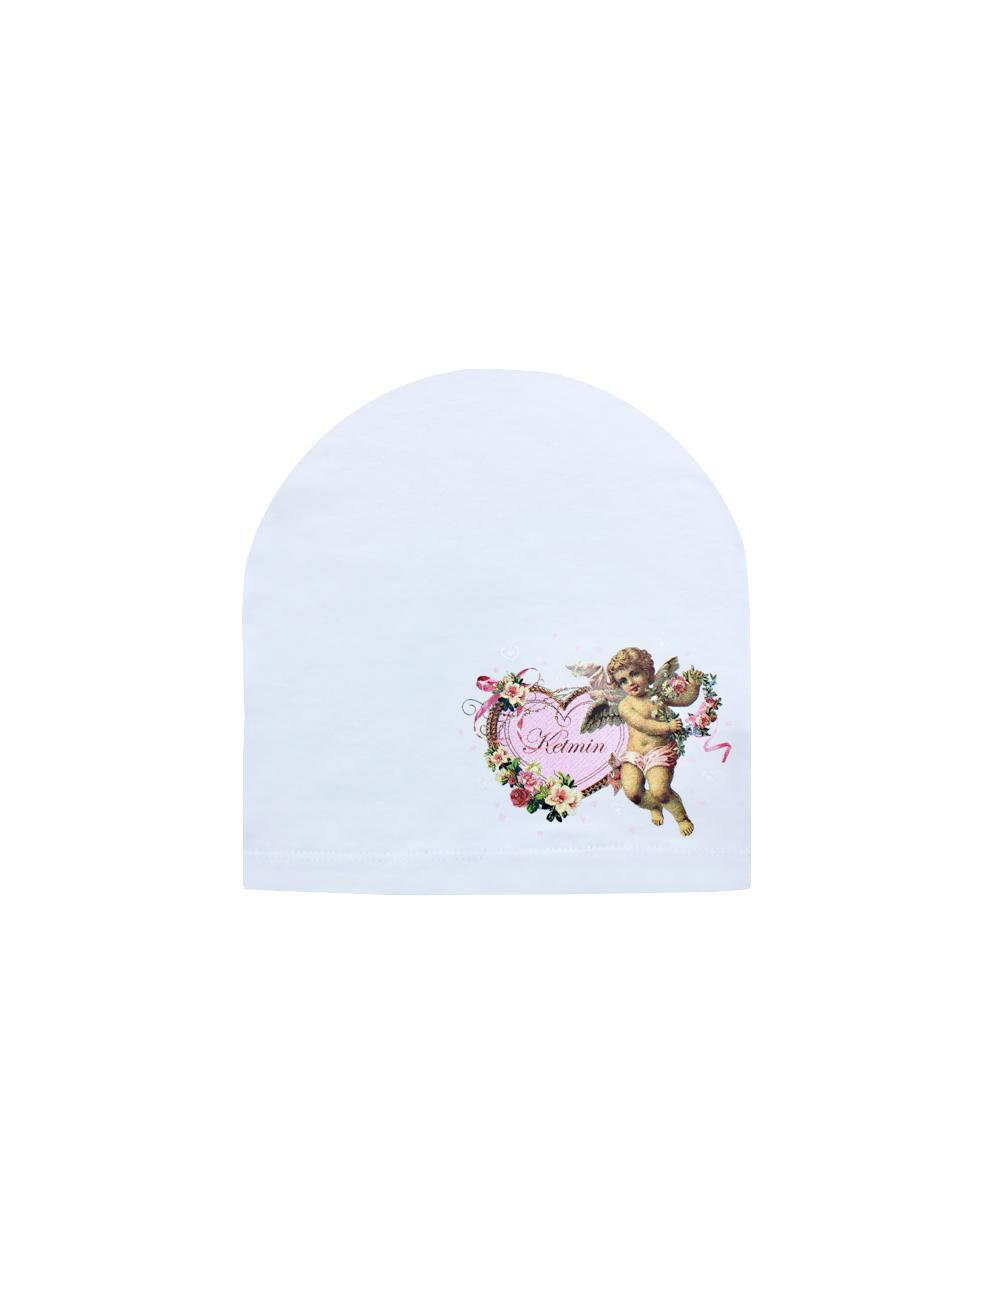 Шапка детская трикотажная KETMIN тк.Кулирка цв.Белый с принтом Ангел